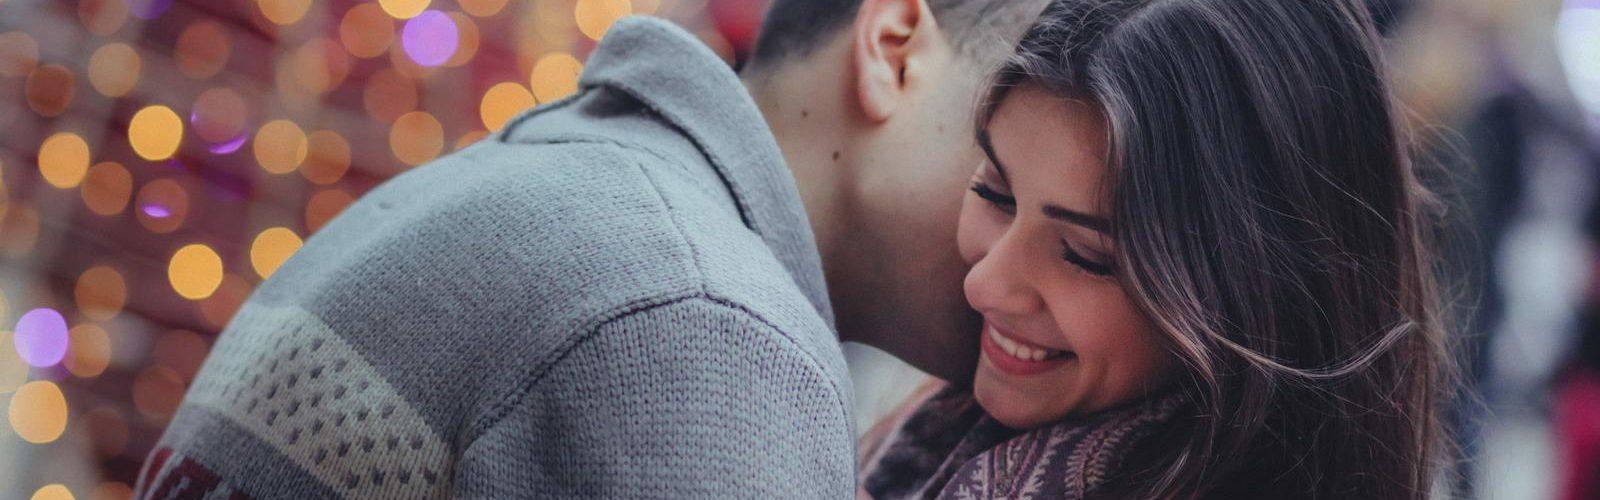 date-dating-rendez-vous-amoureux-relation-homme-femme-amour-etats-unis-diapo-une